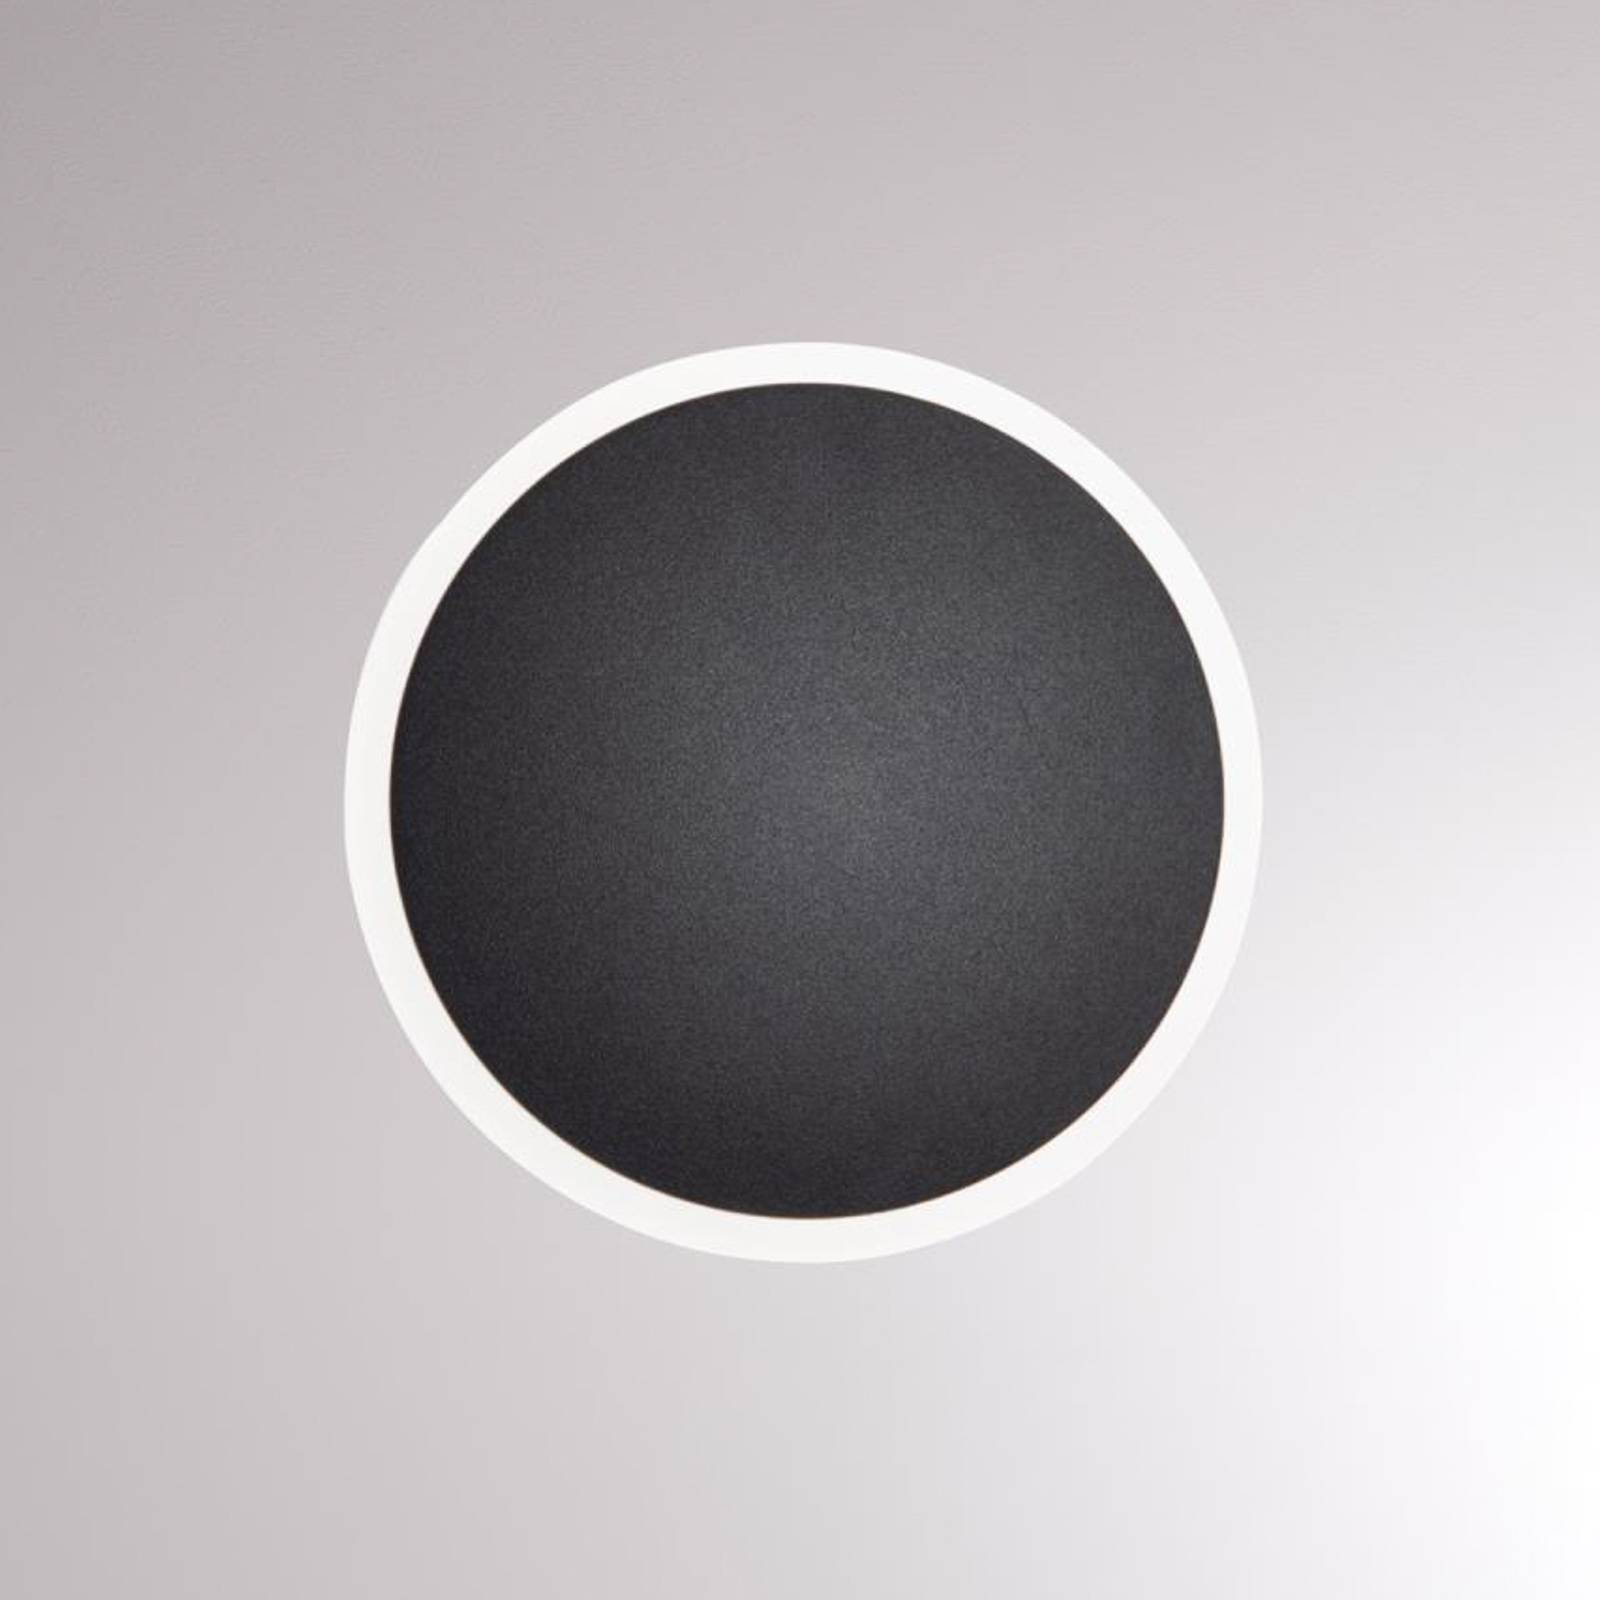 LOUM Pegato LED-Wandleuchte schwarz